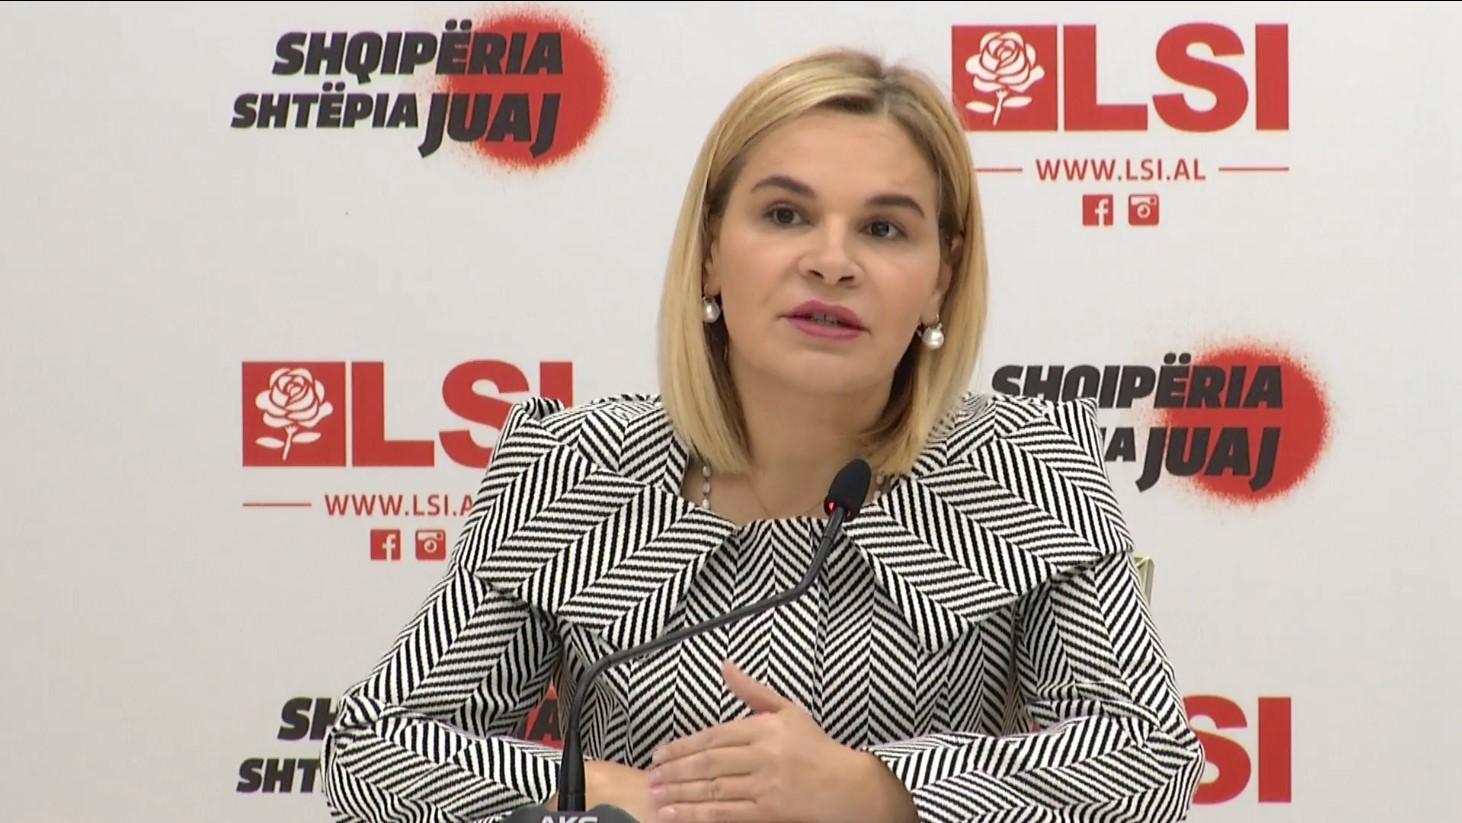 Kandidoi në 3 qarqe, Kryemadhi udhëheq listën e LSI vetëm në Fier, kush kryeson në Tiranë dhe Elbasan